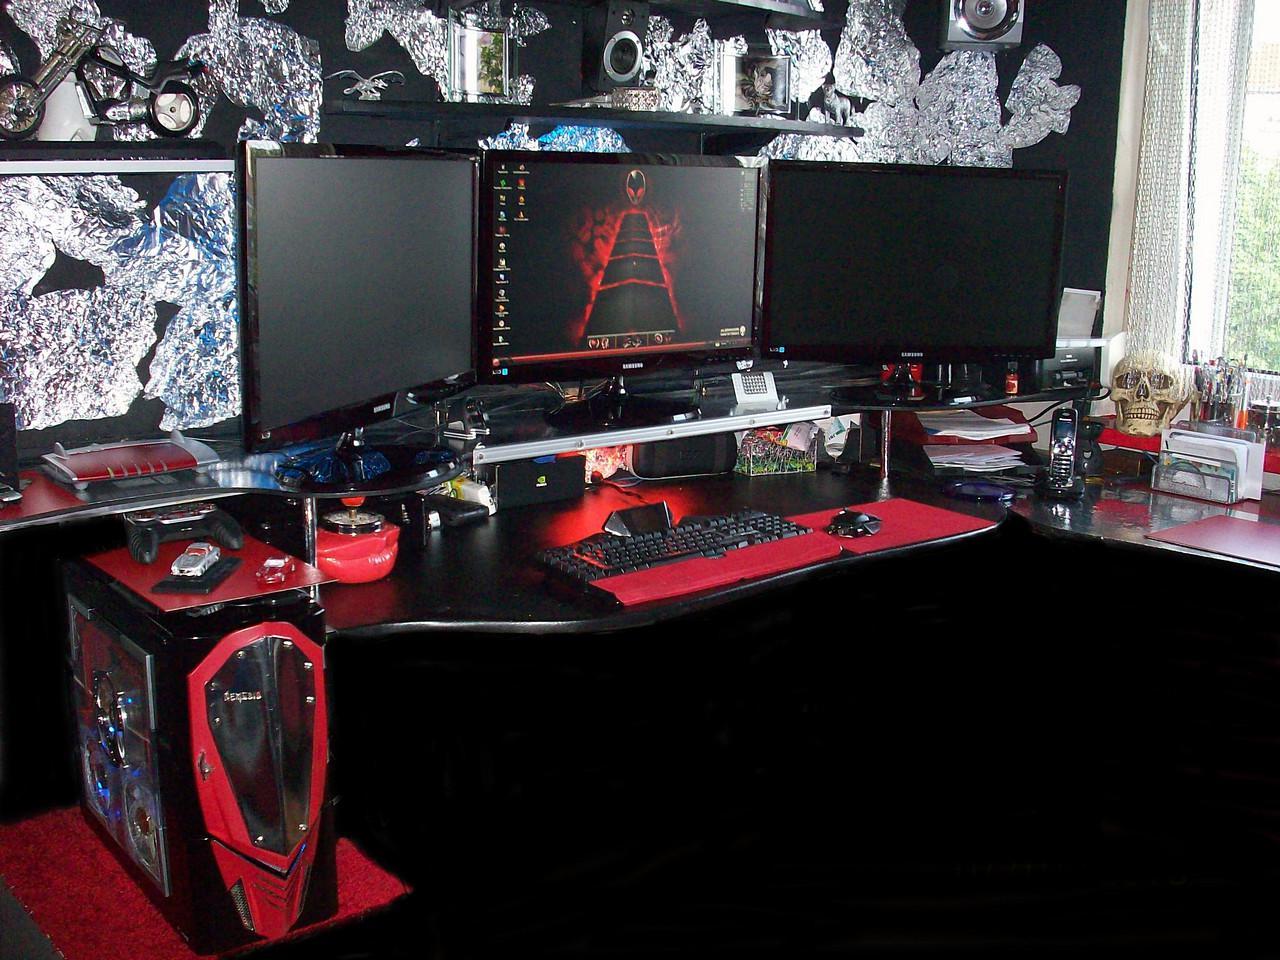 die krassesten schreibtische und gaming zentralen jetzt mit neuen einblicken bildergalerie. Black Bedroom Furniture Sets. Home Design Ideas